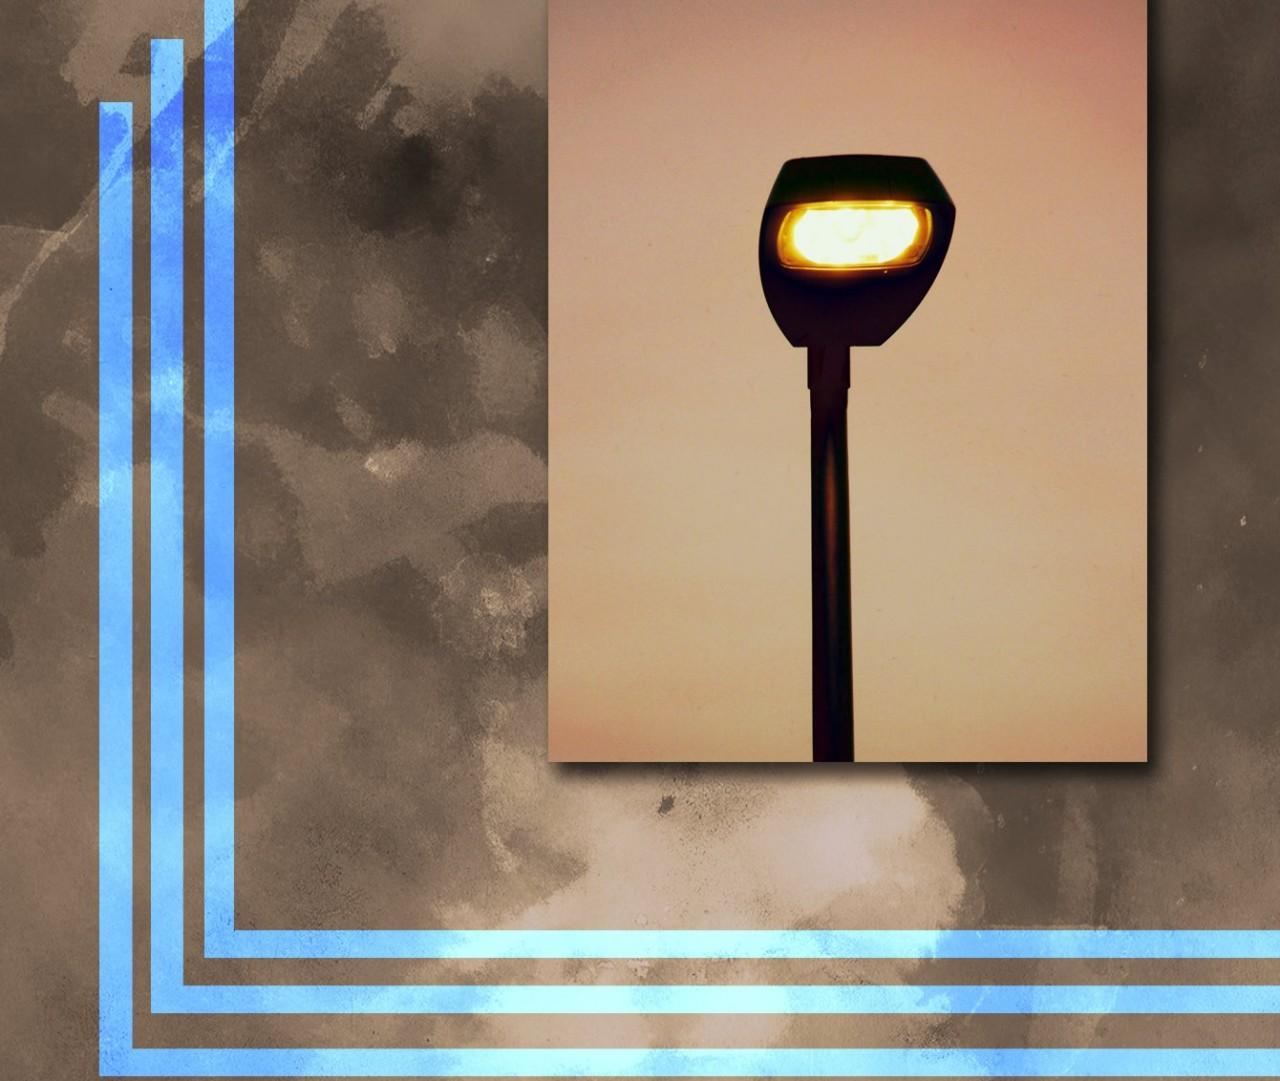 До конца года более 300 км дорог Подмосковья оборудуют электроосвещением